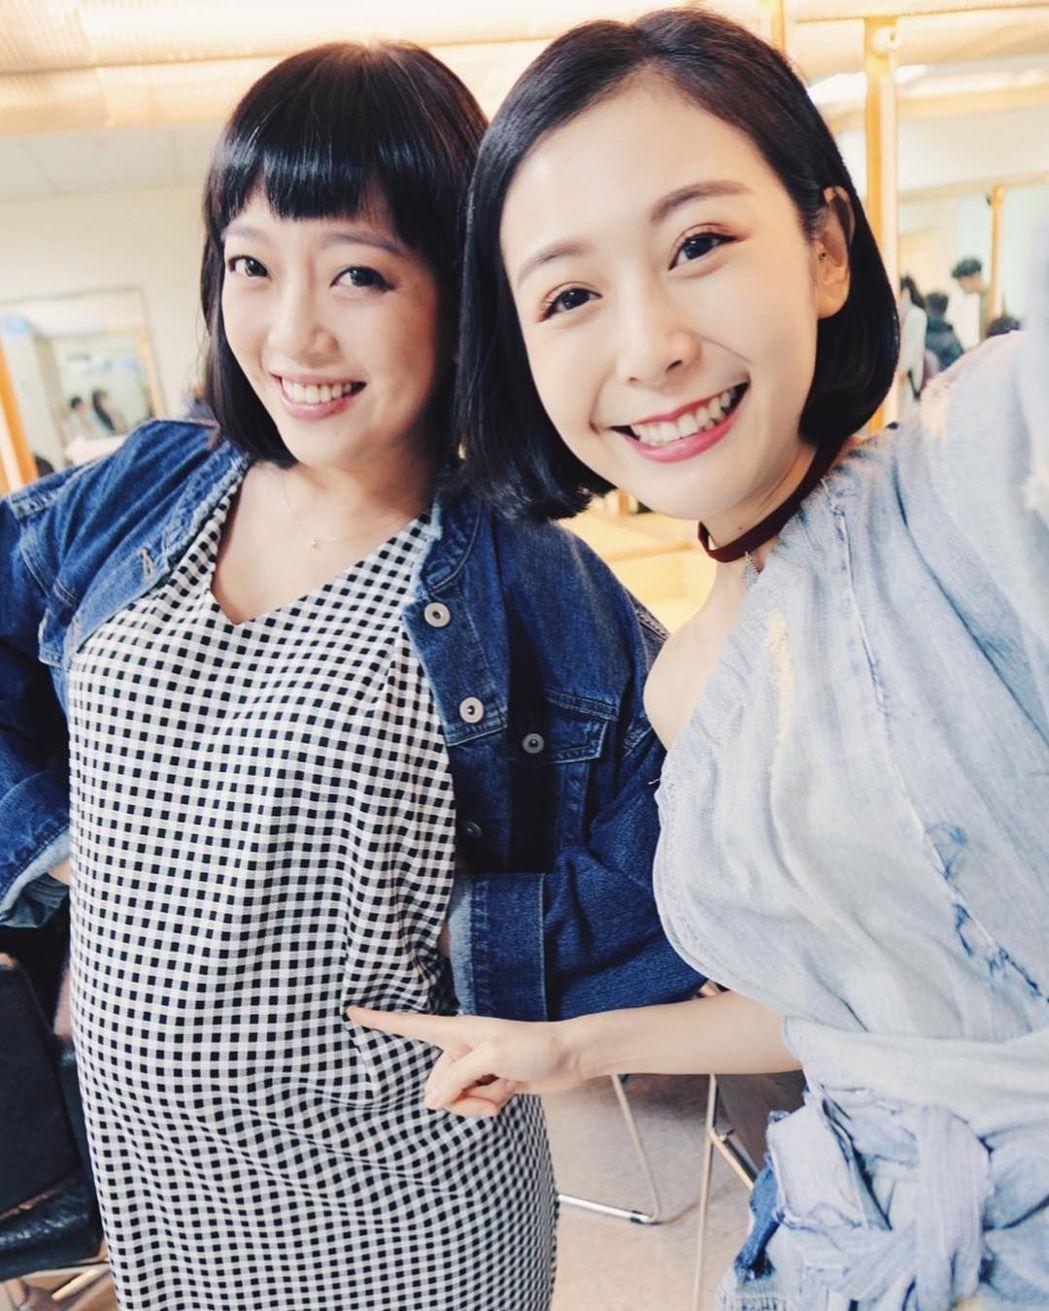 貝童彤(左)7月巨肚現形。圖/摘自Albee臉書